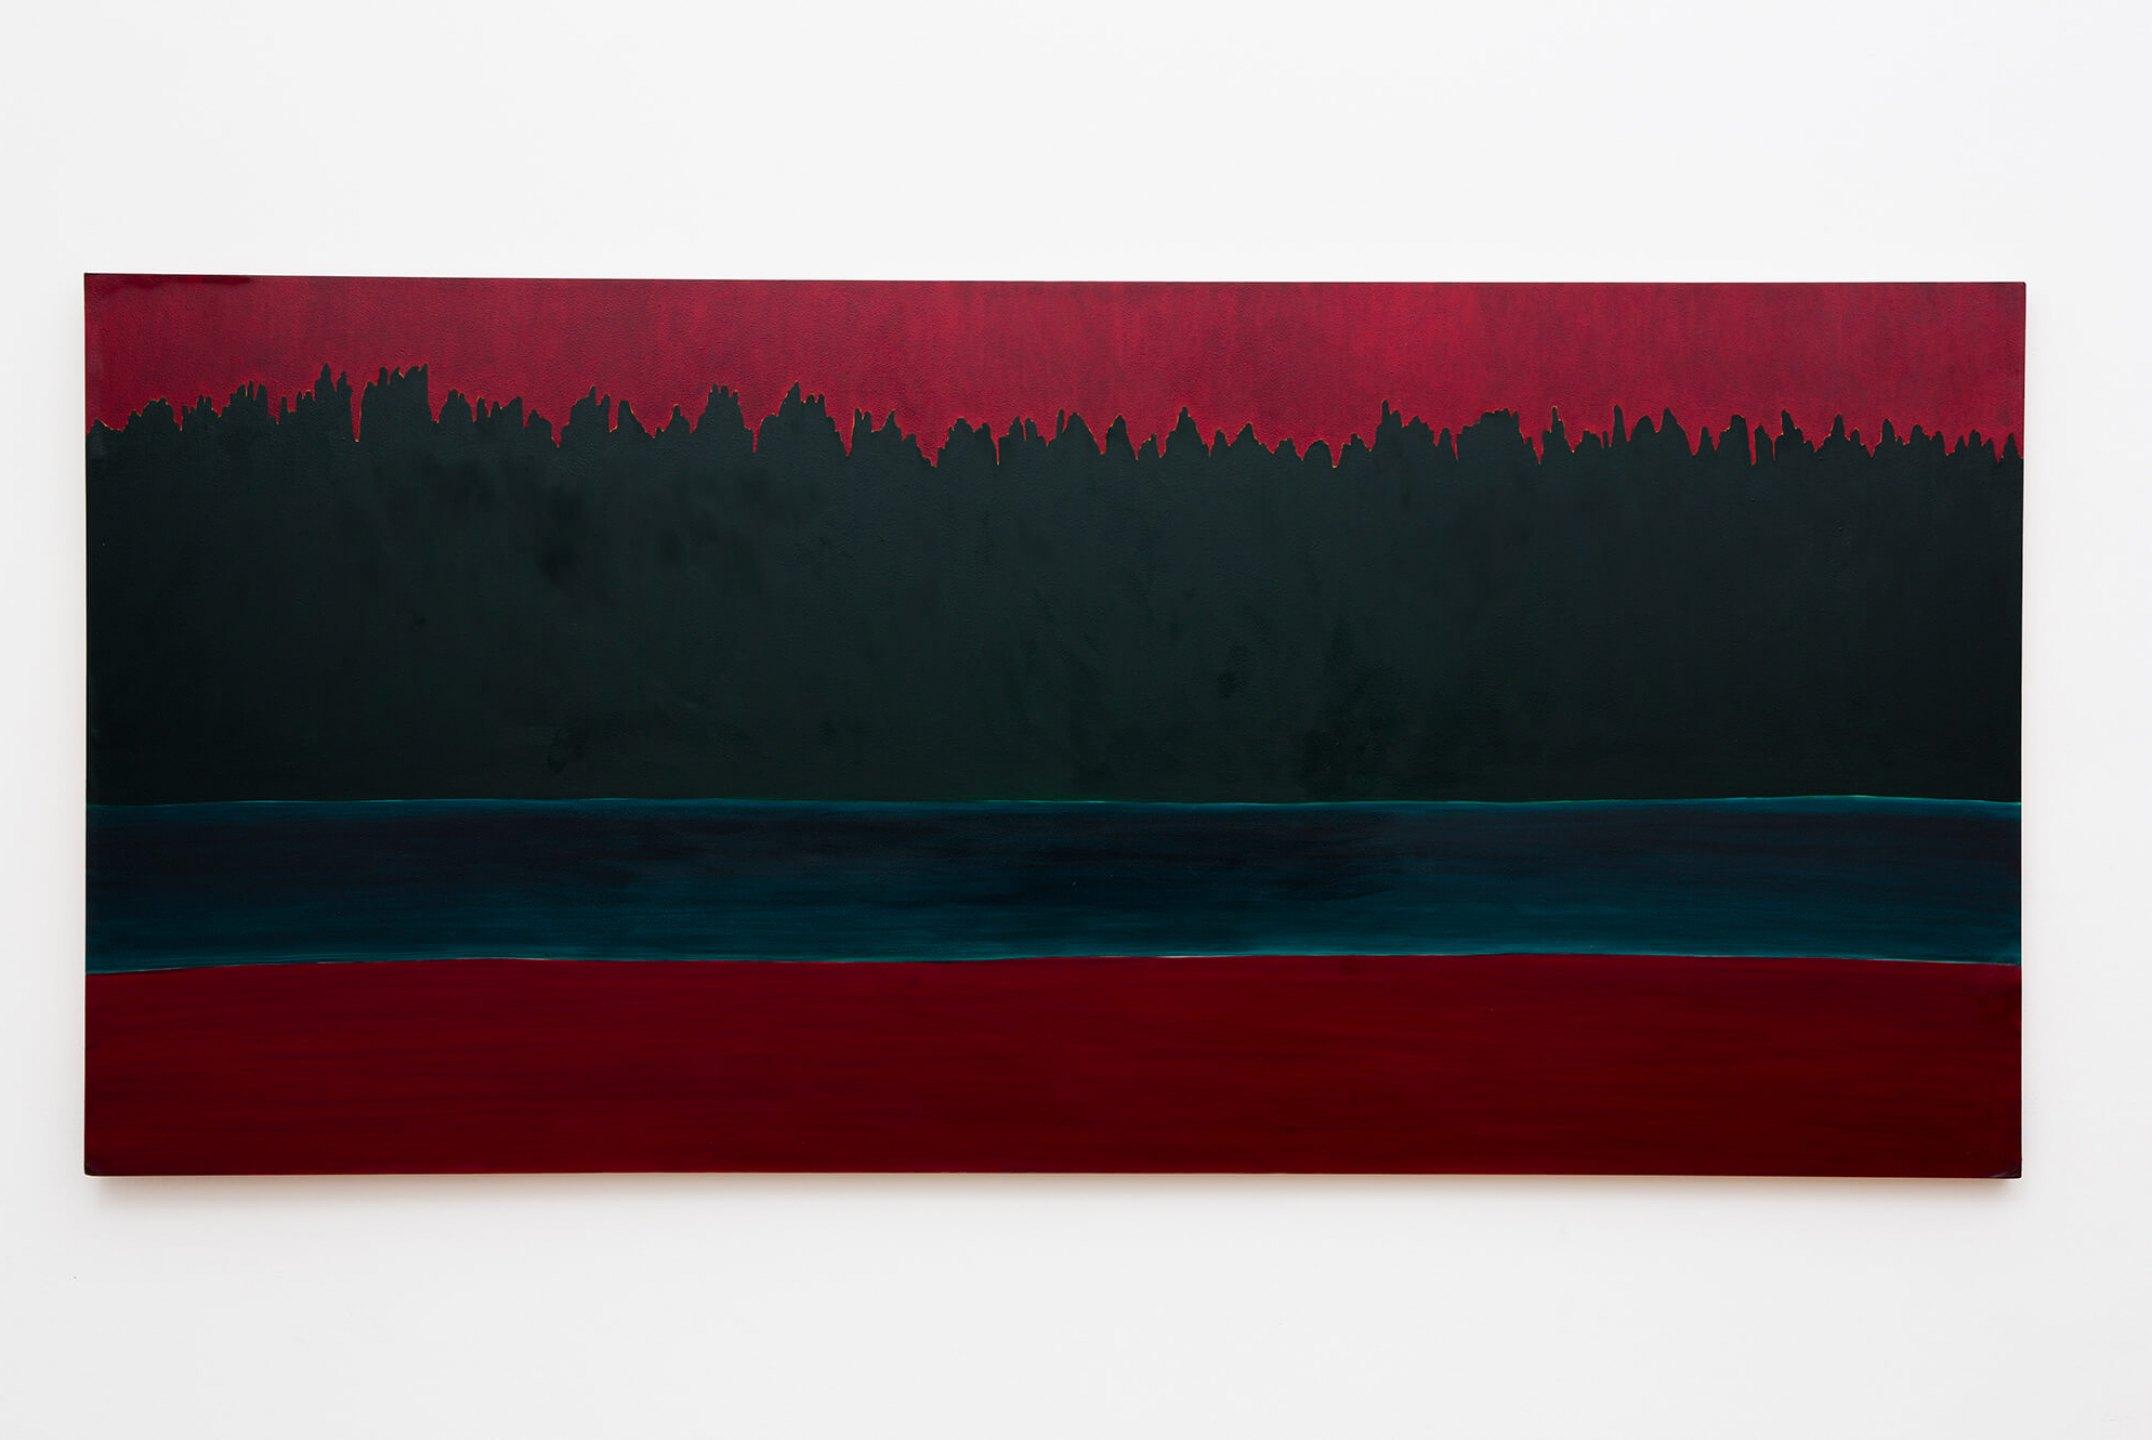 Patricia Leite, <em>Crepúsculo Boreal,</em> 2005-2012, oil on wood, 183×85 cm - Mendes Wood DM